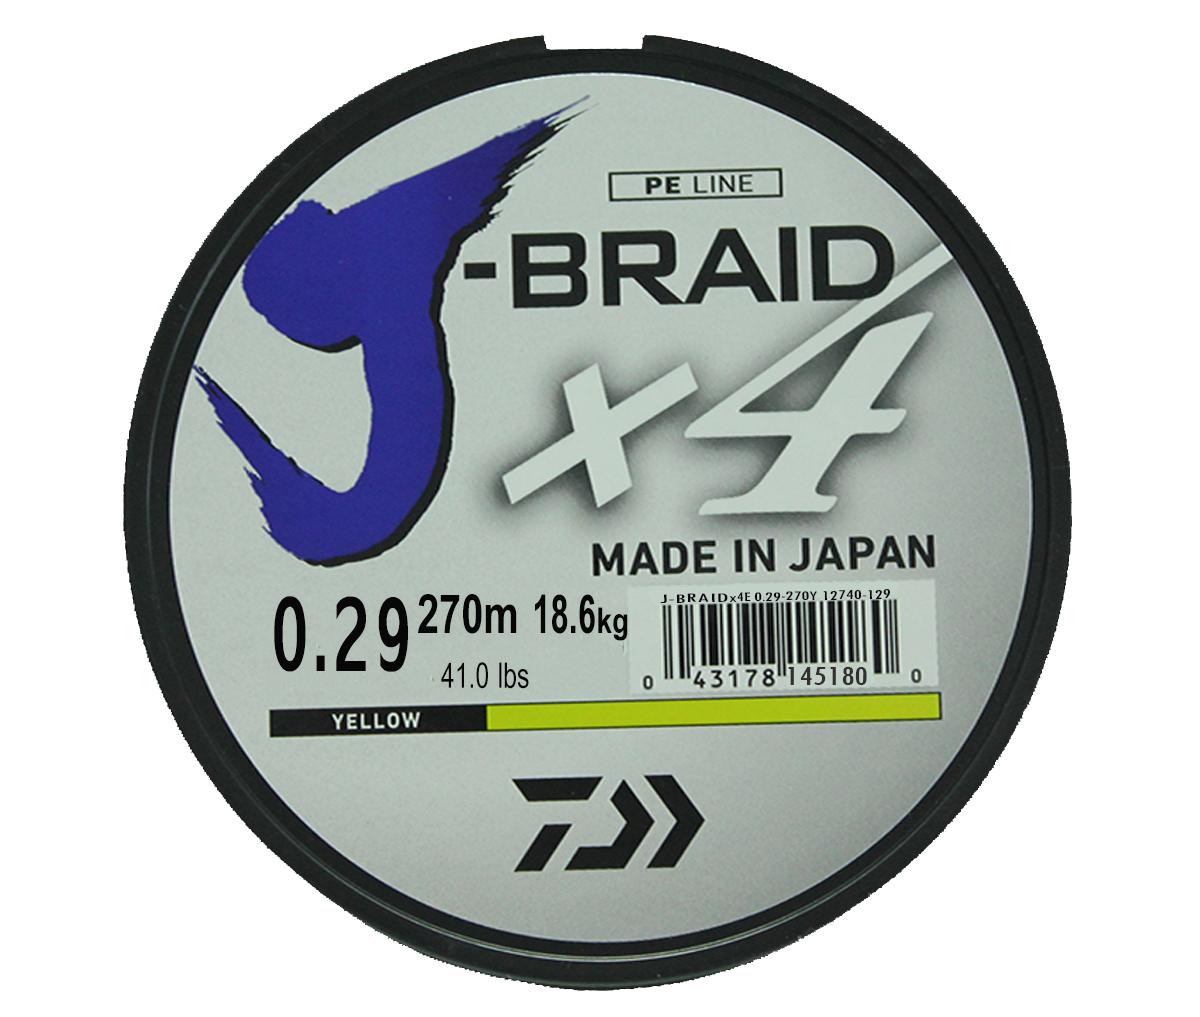 Леска плетеная DAIWA J-Braid X4 0,29мм 270 (флуор.-желтая)Леска плетеная<br>Новый 4х жильный шнур J-Braid, DAIWA - шнур высокого <br>класса с удивительным соотношением цены <br>и качества. Качество плетения полностью <br>соответствует японским стандартам и удовлетворяет <br>всем требованиям. Представленные диаметры <br>позволяют использовать шнур для всех техник <br>ловли, начиная от ultra- light ловли окуня, до <br>морской ловли палтуса, трески и т.д.<br>